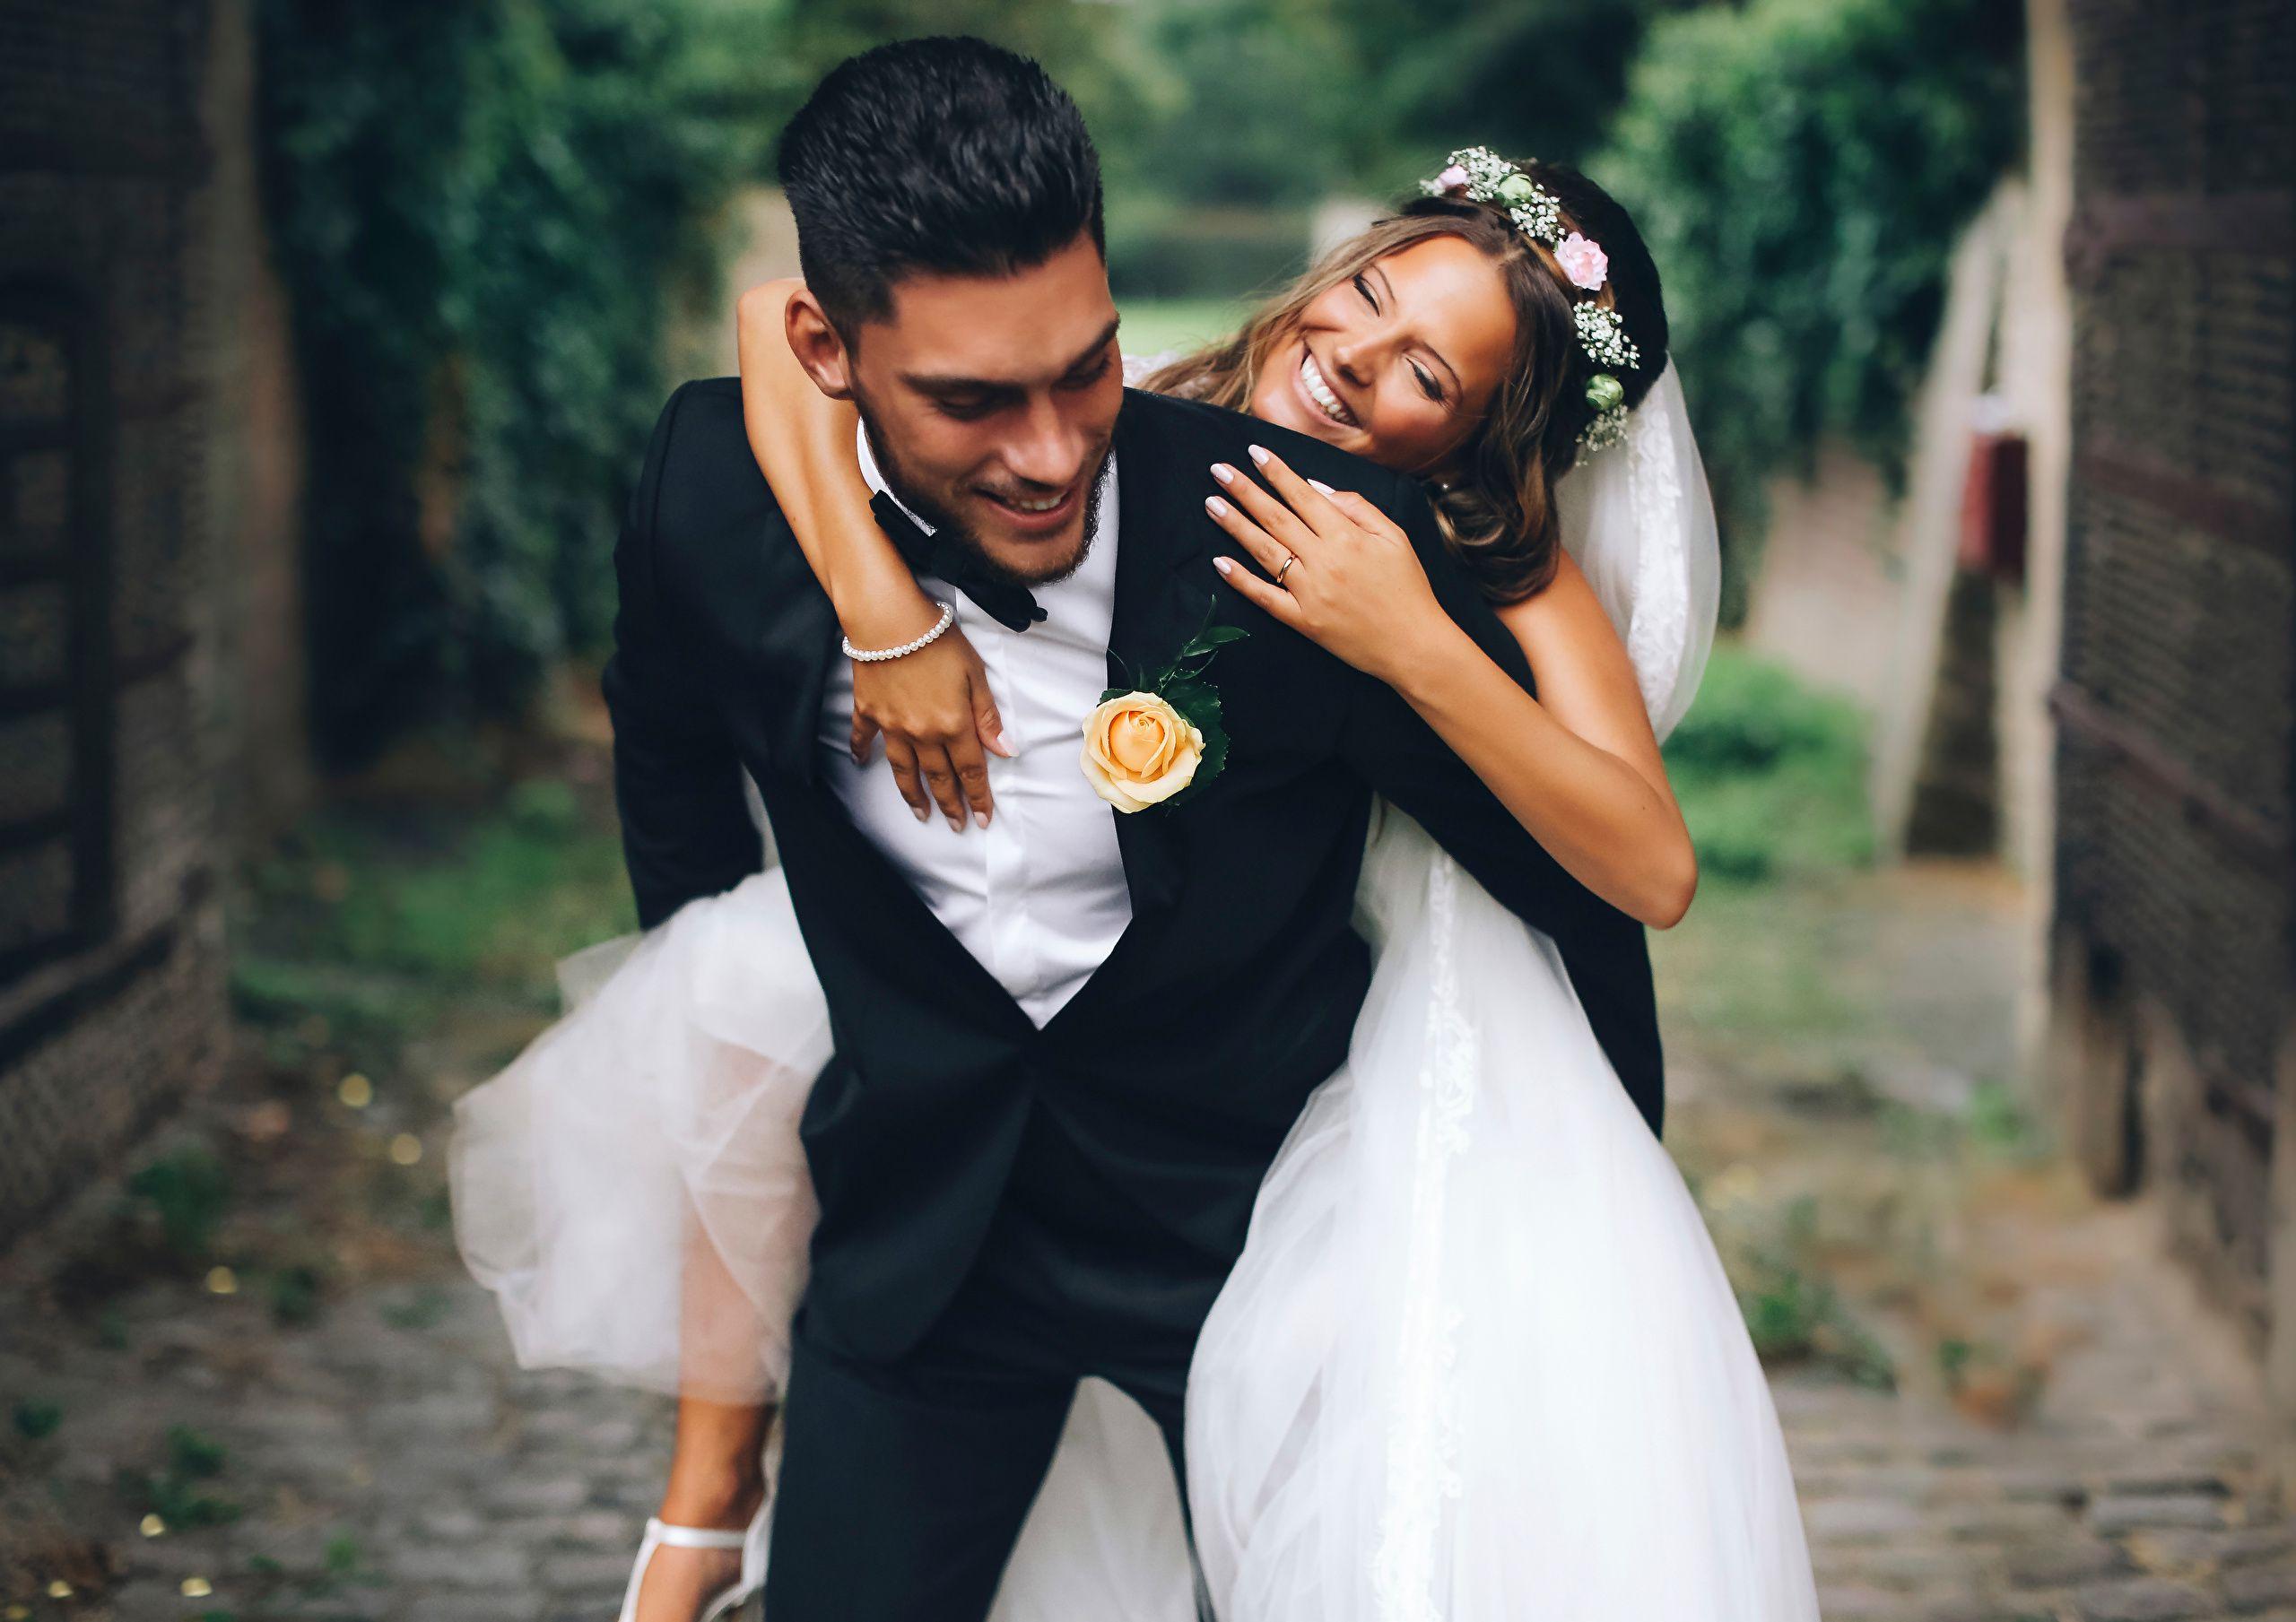 Фильм Невеста 2017 смотреть онлайн полностью в хорошем HD